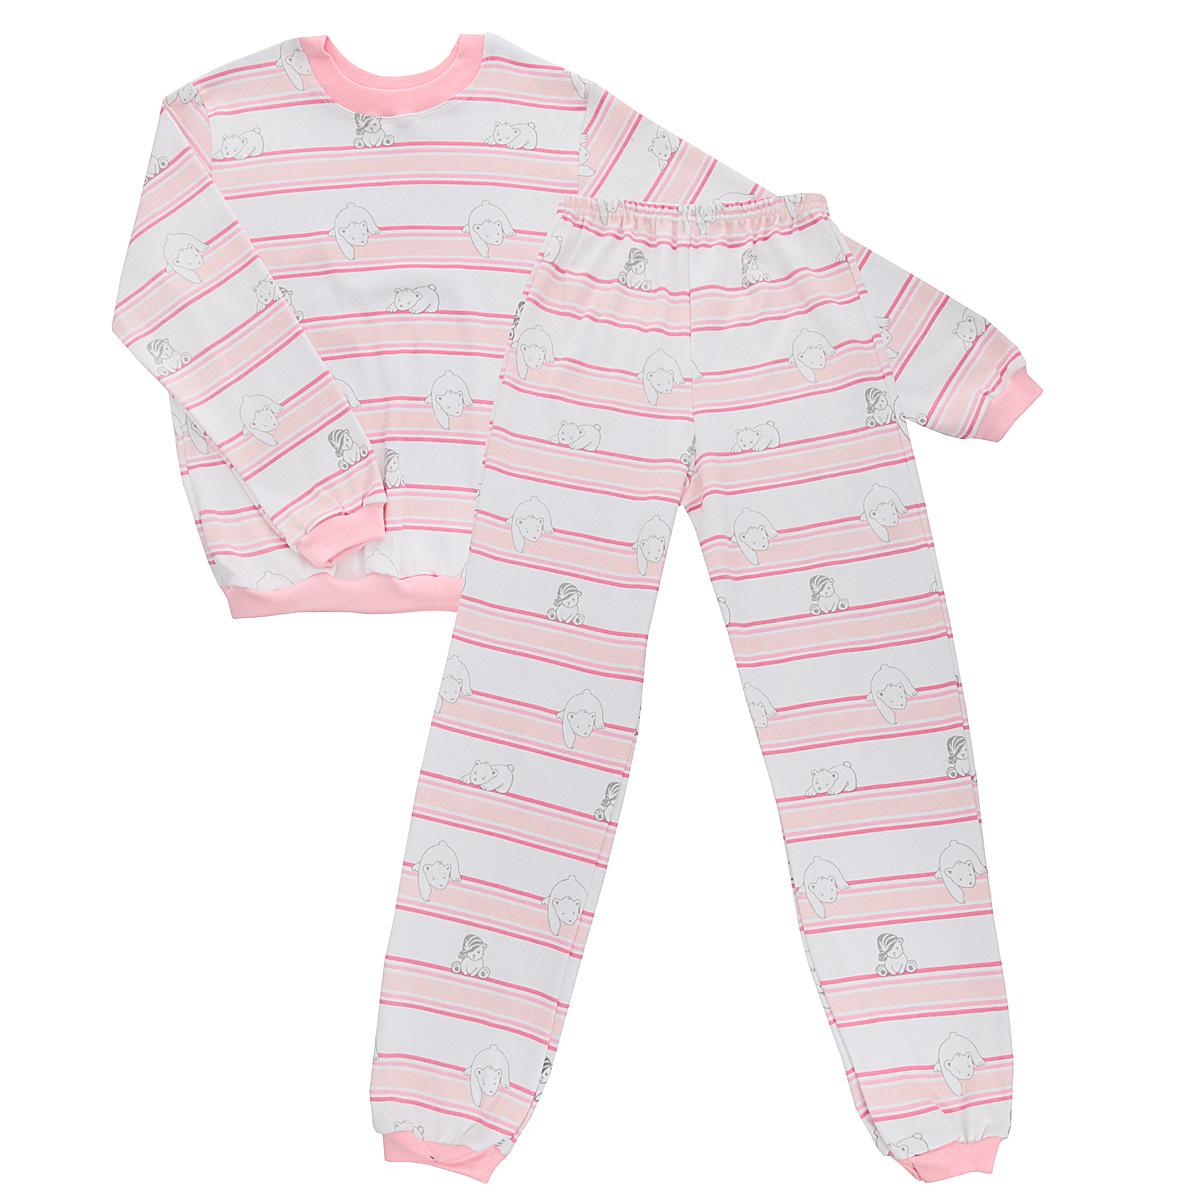 Пижама детская Трон-плюс, цвет: белый, розовый. 5555_мишка. Размер 110/116, 4-8 лет5555_мишкаУютная детская пижама Трон-плюс, состоящая из джемпера и брюк, идеально подойдет вашему ребенку и станет отличным дополнением к детскому гардеробу. Изготовленная из интерлока, она необычайно мягкая и легкая, не сковывает движения, позволяет коже дышать и не раздражает даже самую нежную и чувствительную кожу ребенка. Трикотажный джемпер с длинными рукавами имеет круглый вырез горловины. Низ изделия, рукава и вырез горловины дополнены эластичной трикотажной резинкой контрастного цвета.Брюки на талии имеют эластичную резинку, благодаря чему не сдавливают живот ребенка и не сползают. Низ брючин дополнен широкими эластичными манжетами контрастного цвета.Оформлено изделие оригинальным принтом с изображением белых мишек и цветных полос. В такой пижаме ваш ребенок будет чувствовать себя комфортно и уютно во время сна.